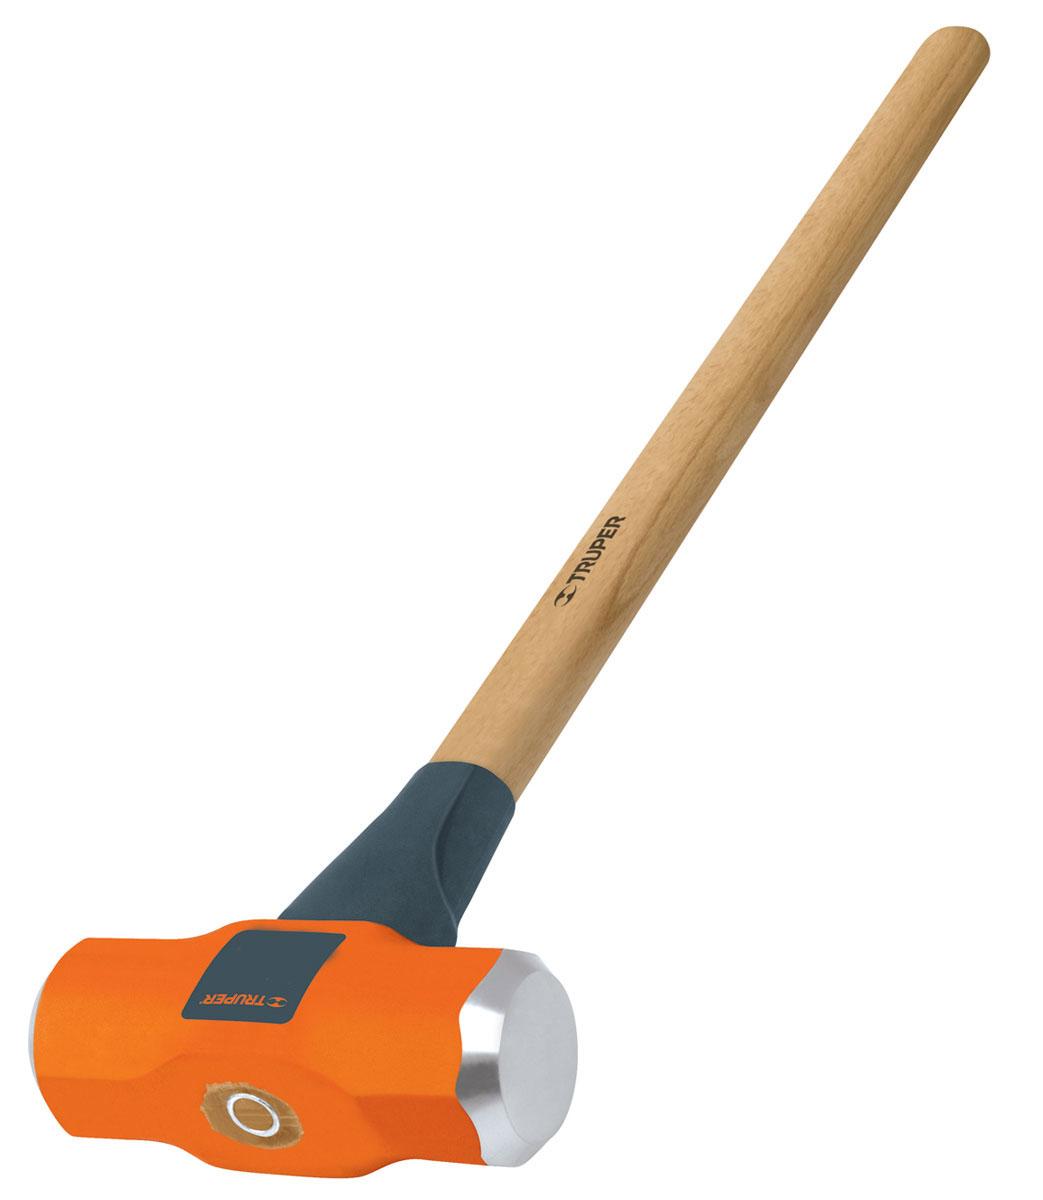 Кувалда Truper, с деревянной рукояткой, 3,62 кгMD-8MКувалда Truper предназначена для нанесения исключительно сильных ударов при обработке металла, на демонтаже и монтаже конструкций. Деревянная ручка с антишоковой защитой, изготовленная из дуба, обеспечивает надежный хват. Финишная обработка бойка.